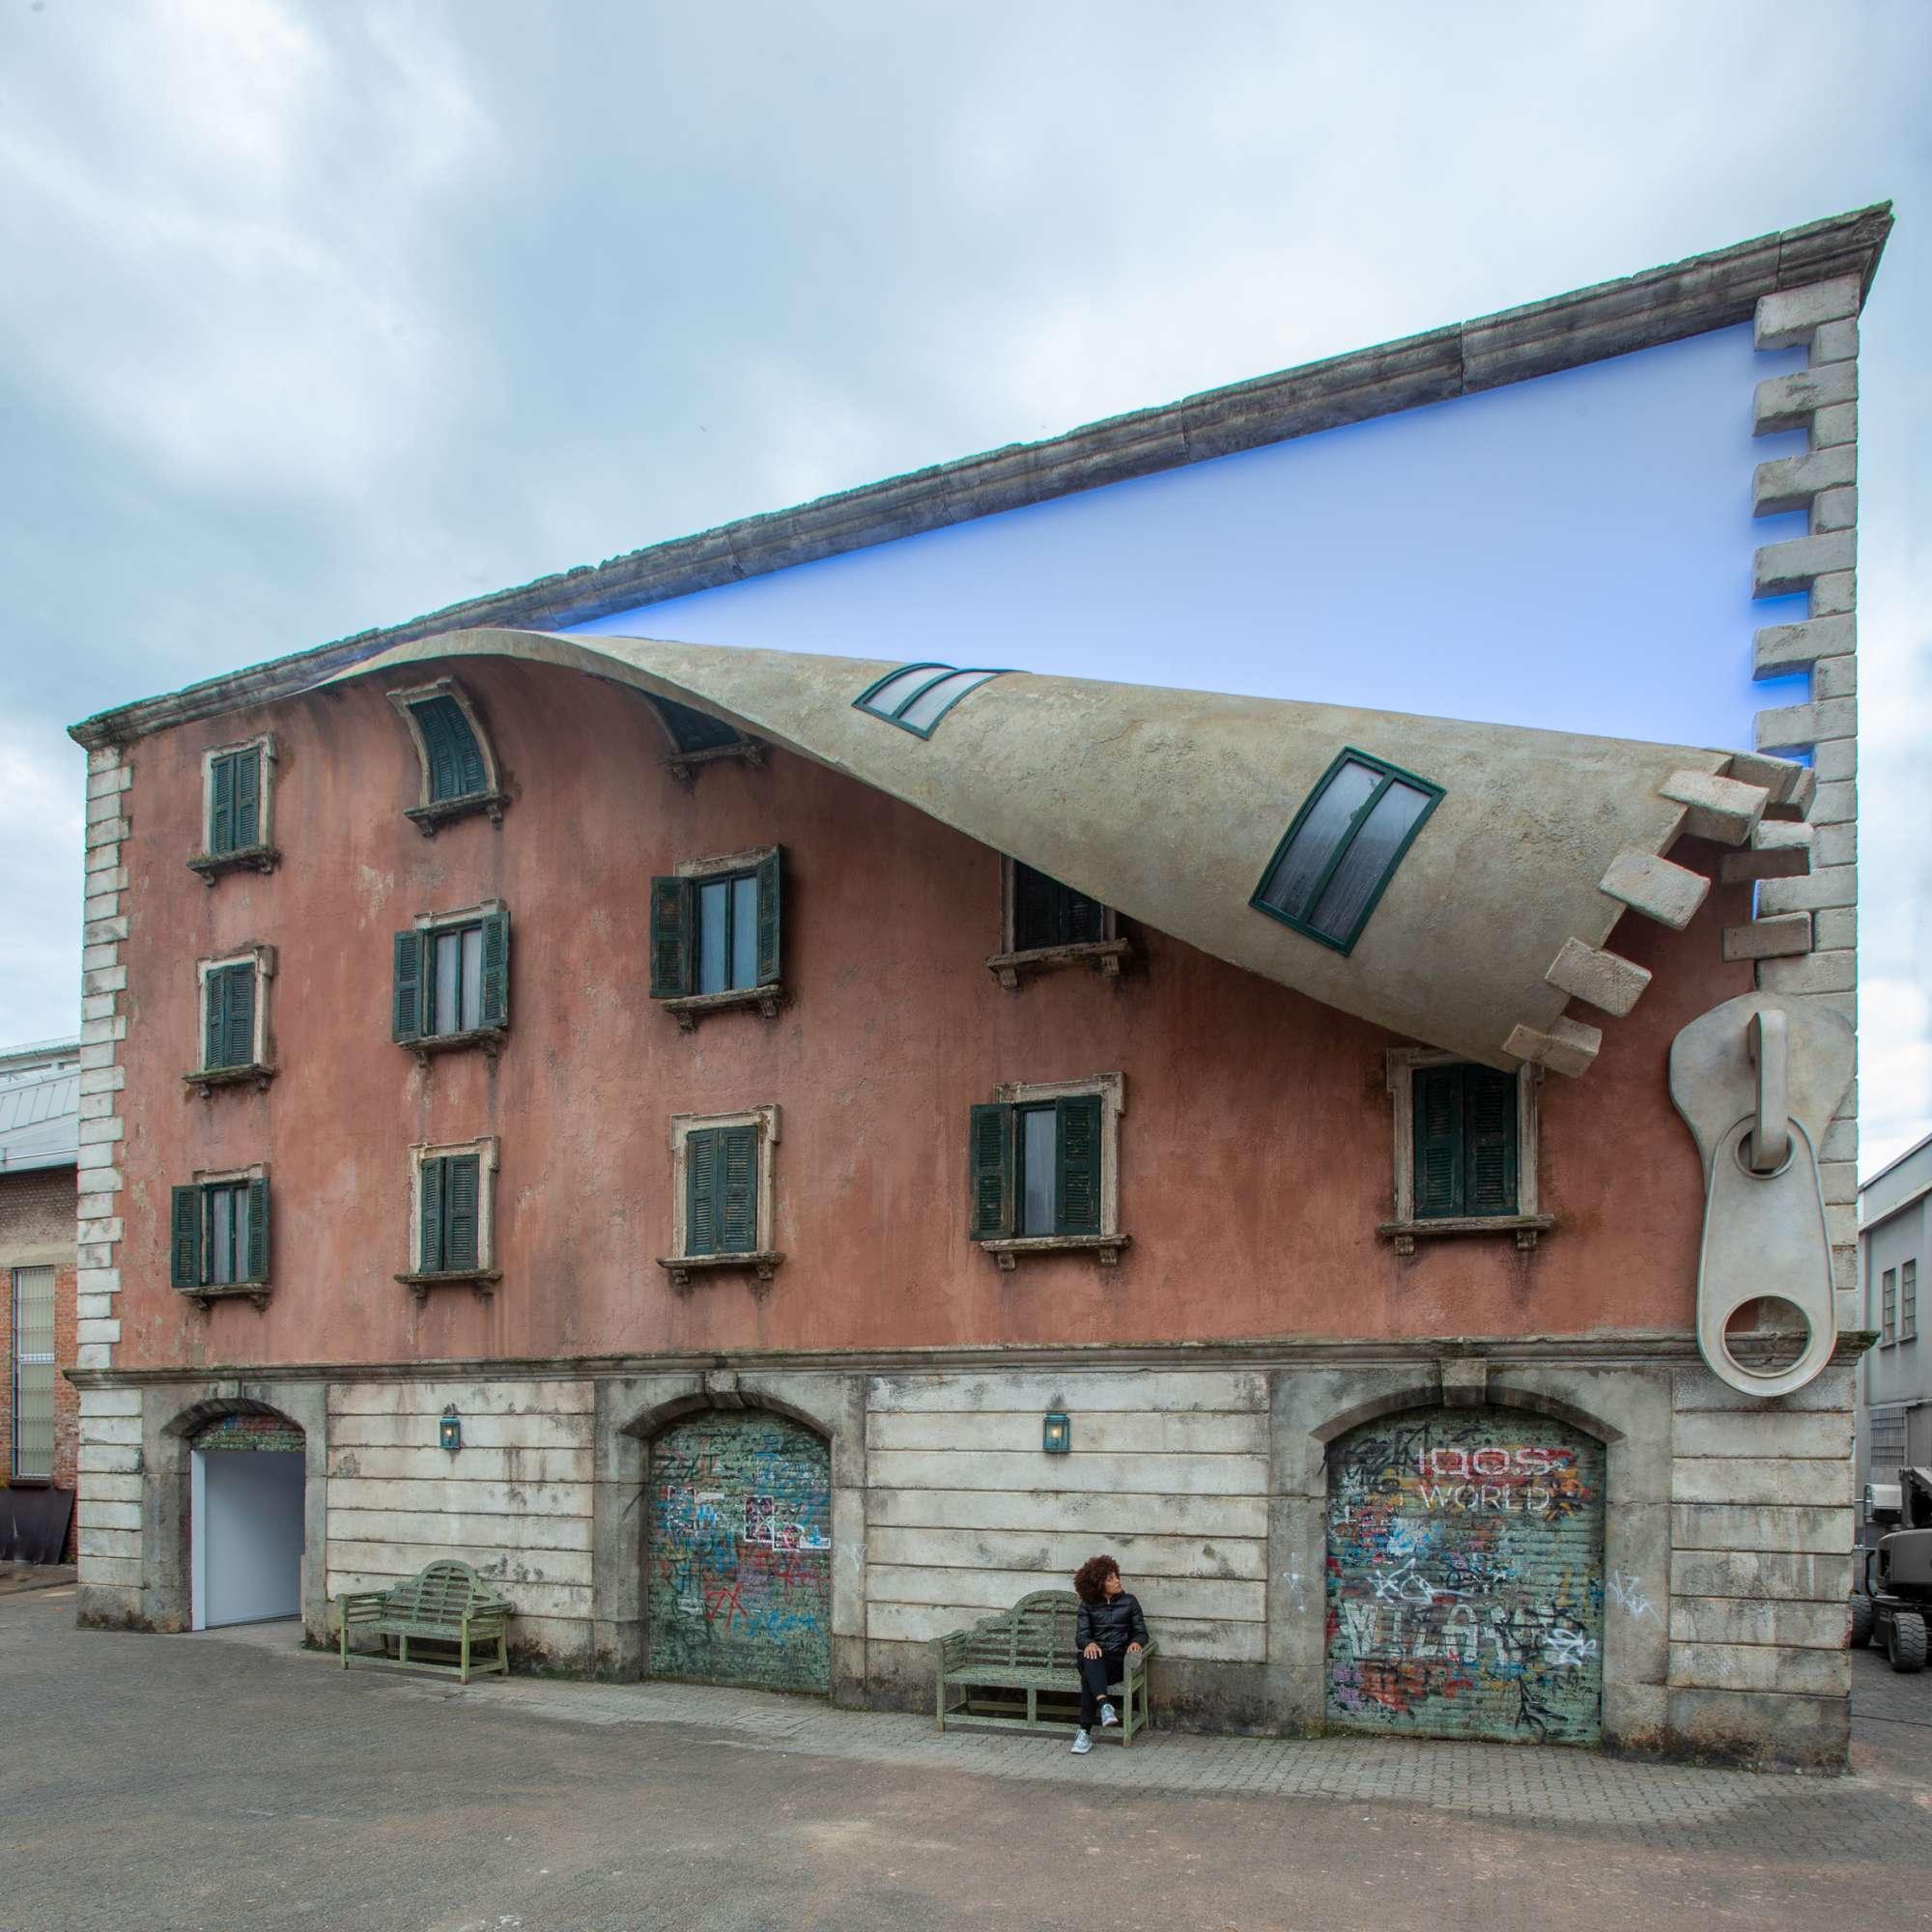 Fuorisalone, in Tortona il palazzo si apre con la cerniera